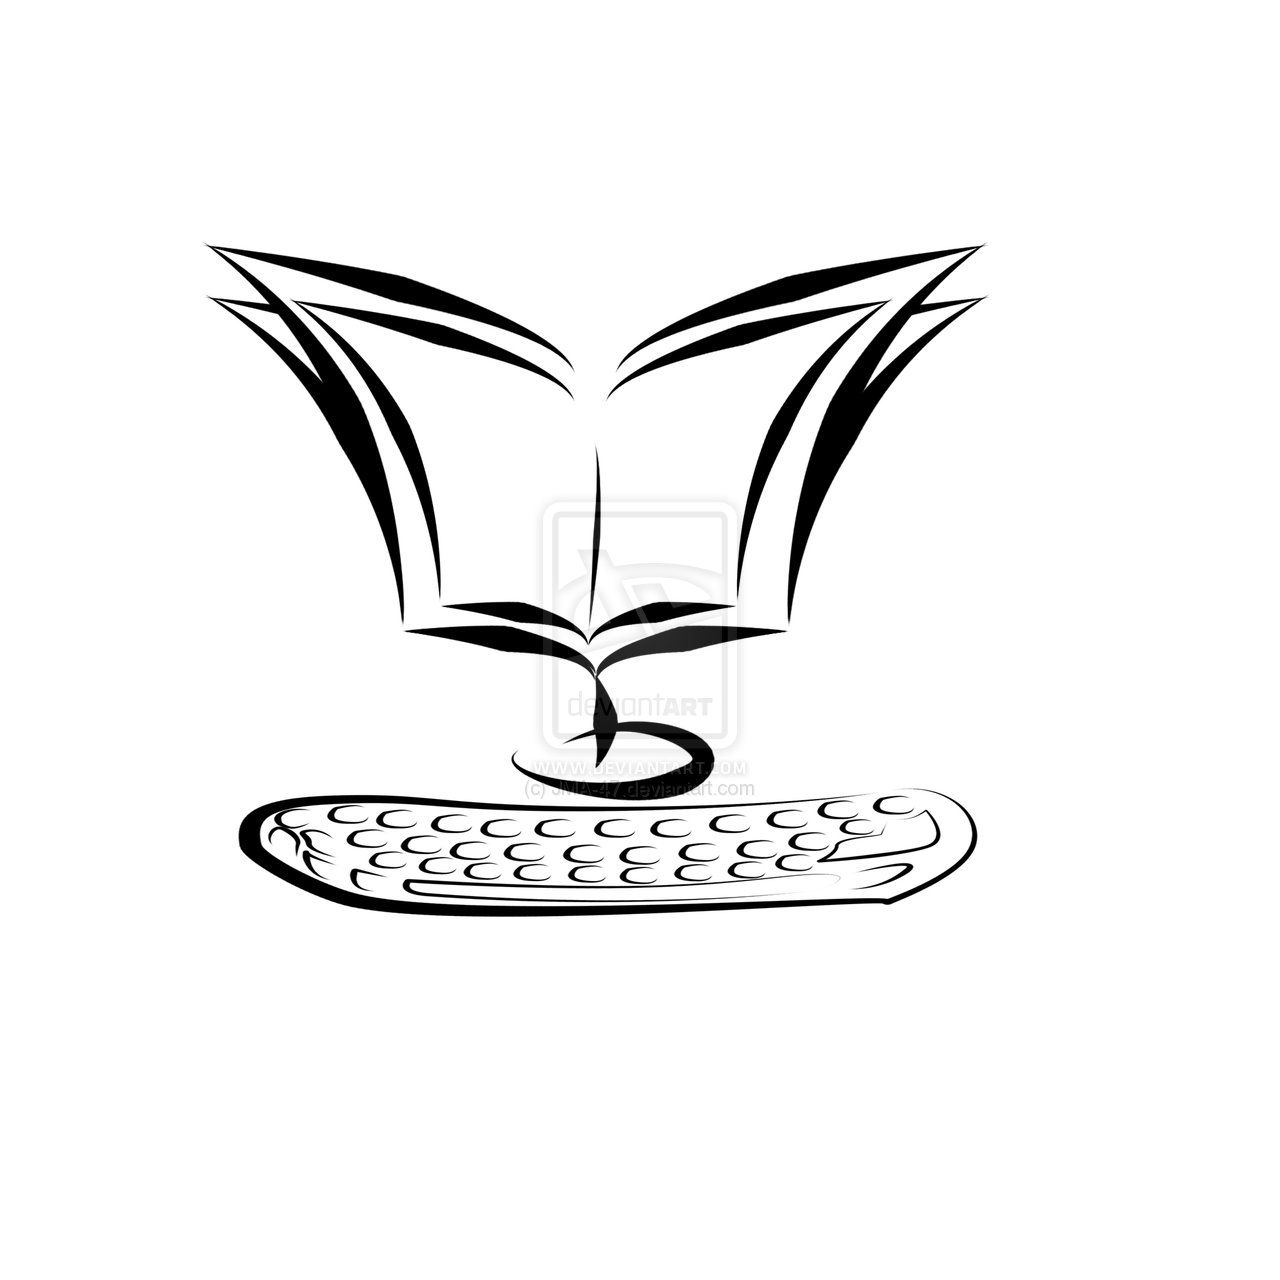 computer logos #11